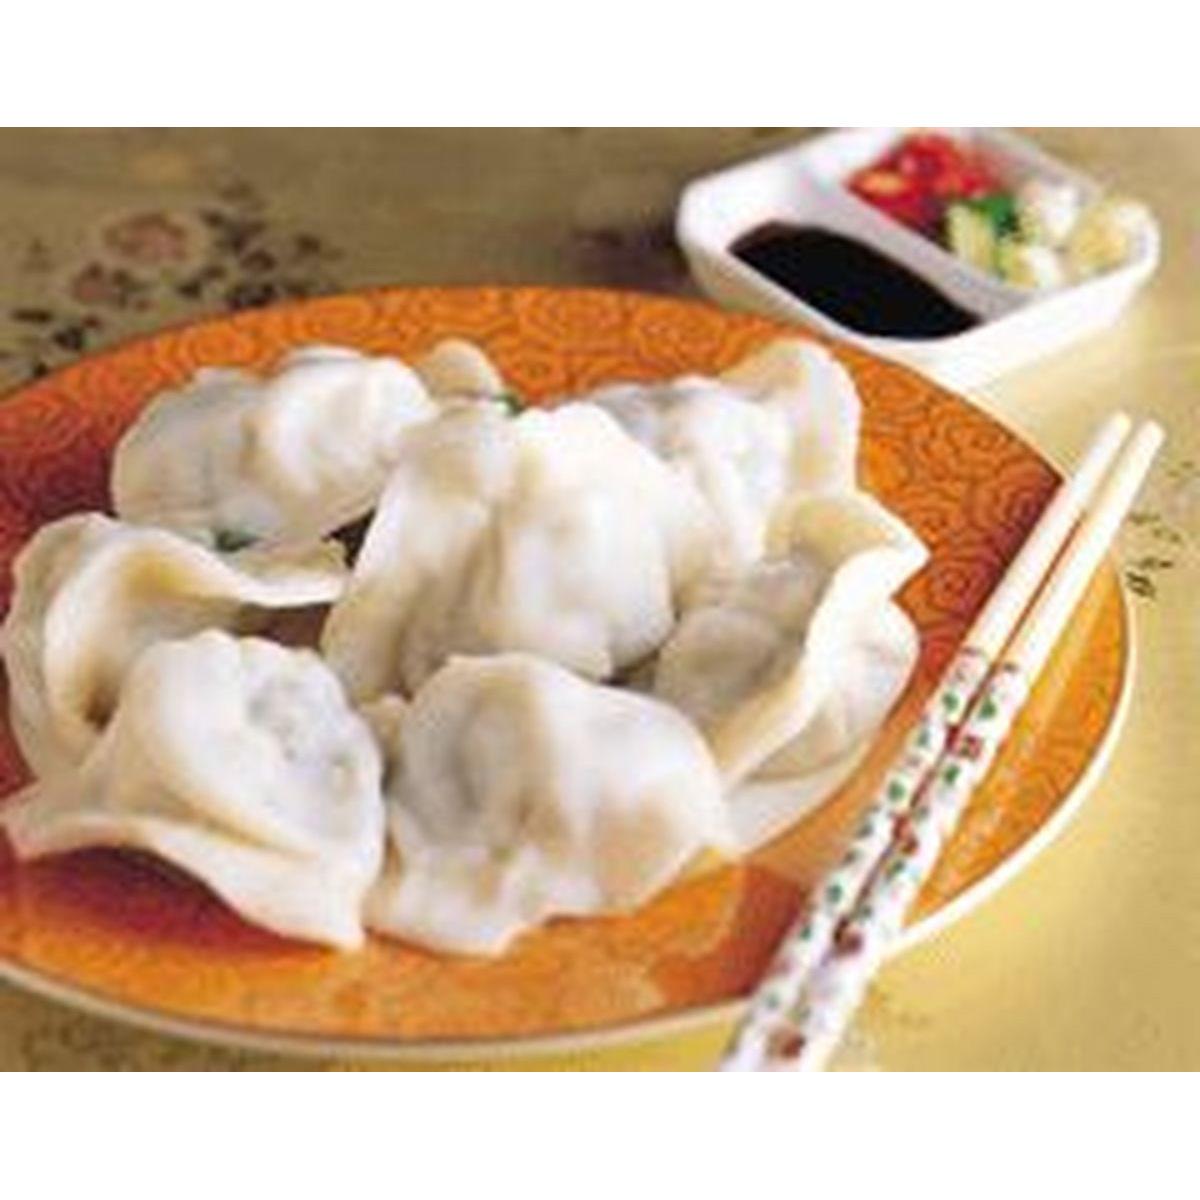 食譜:韭菜水餃